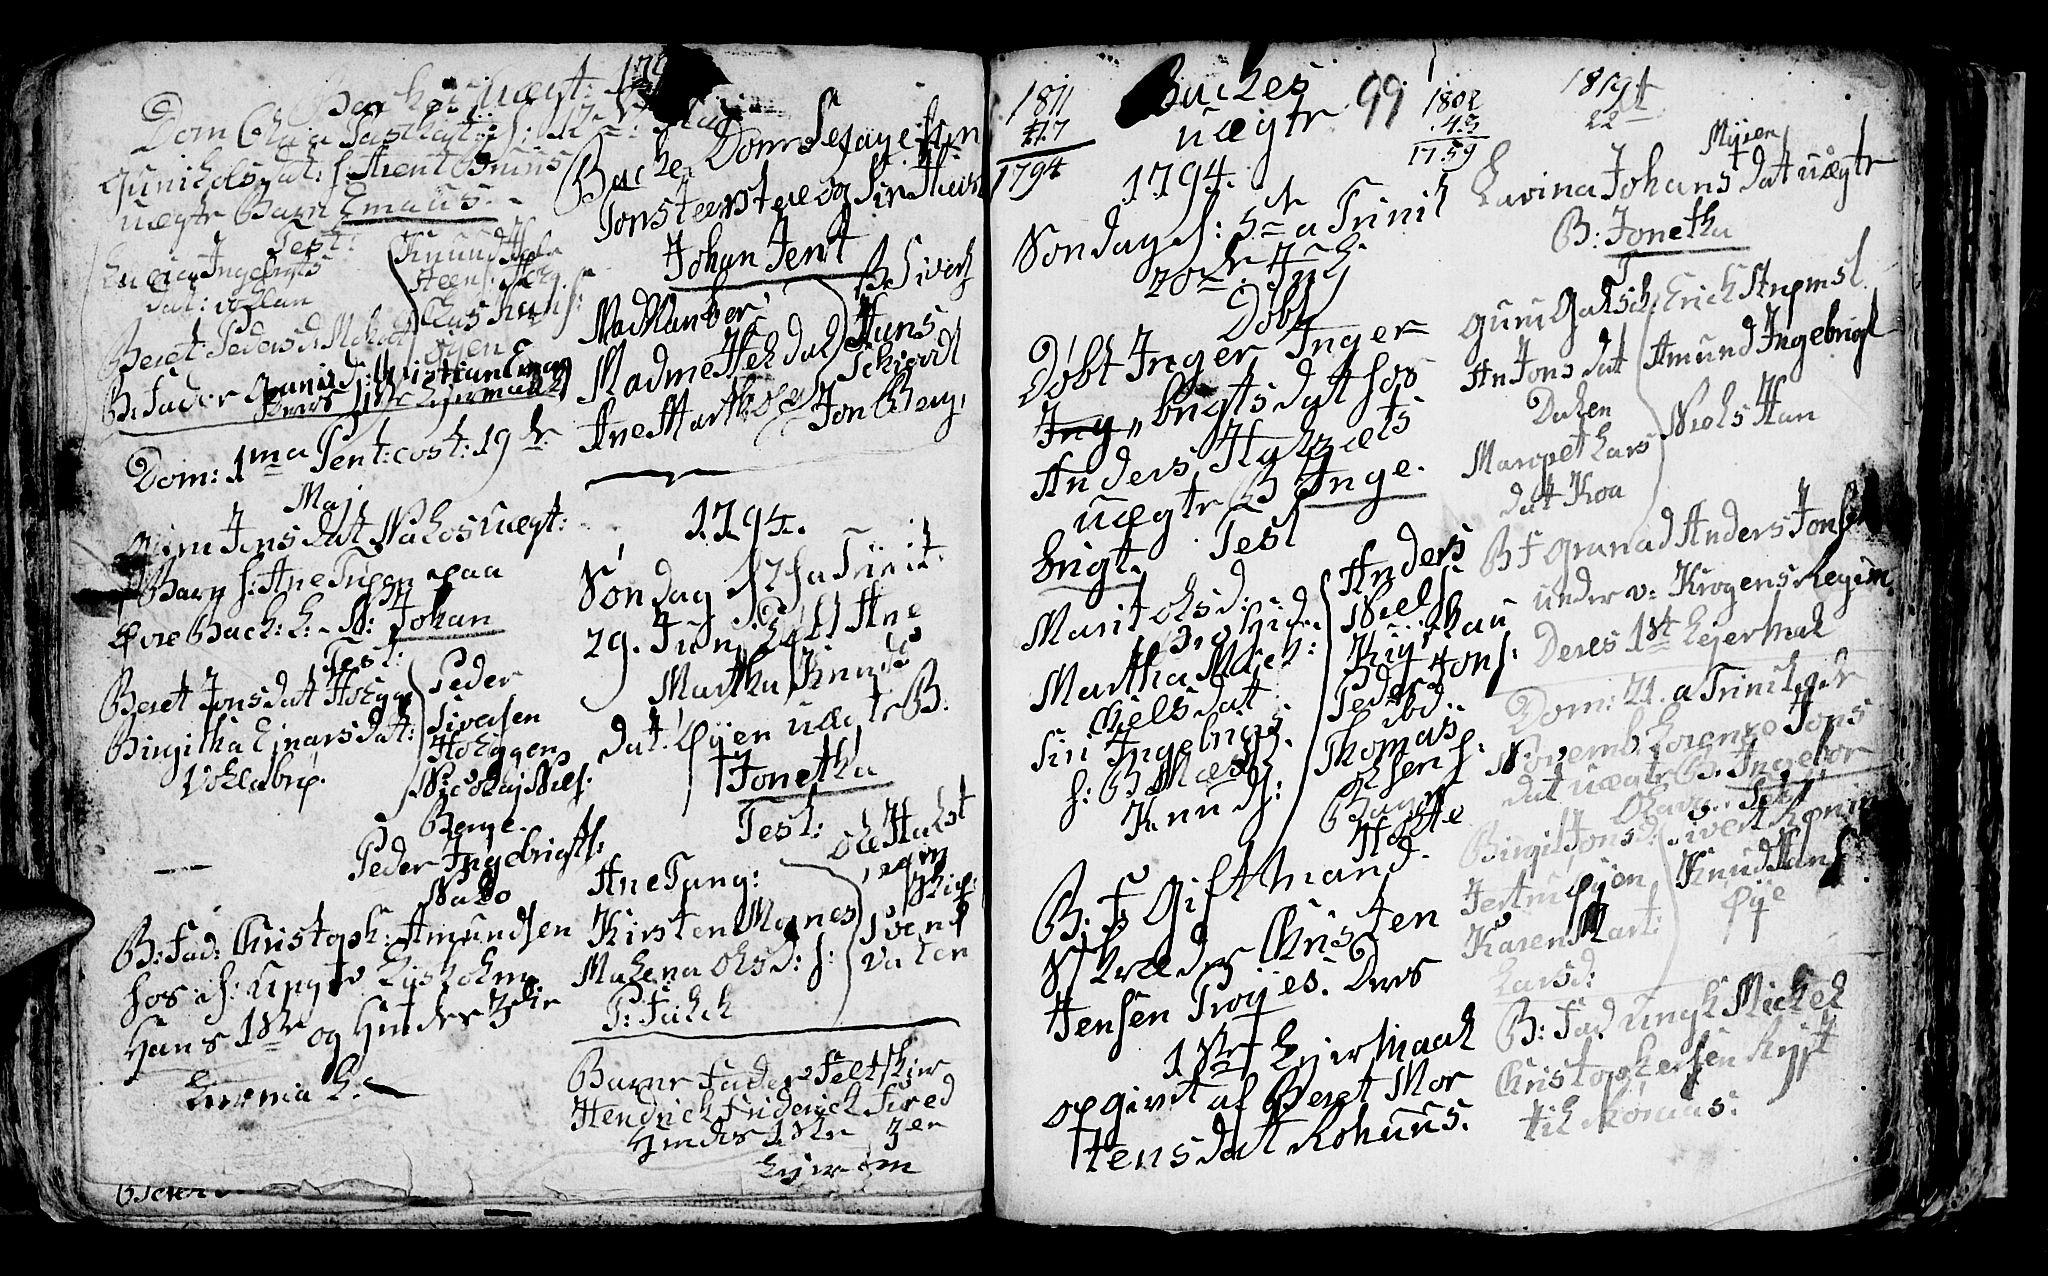 SAT, Ministerialprotokoller, klokkerbøker og fødselsregistre - Sør-Trøndelag, 604/L0218: Klokkerbok nr. 604C01, 1754-1819, s. 99